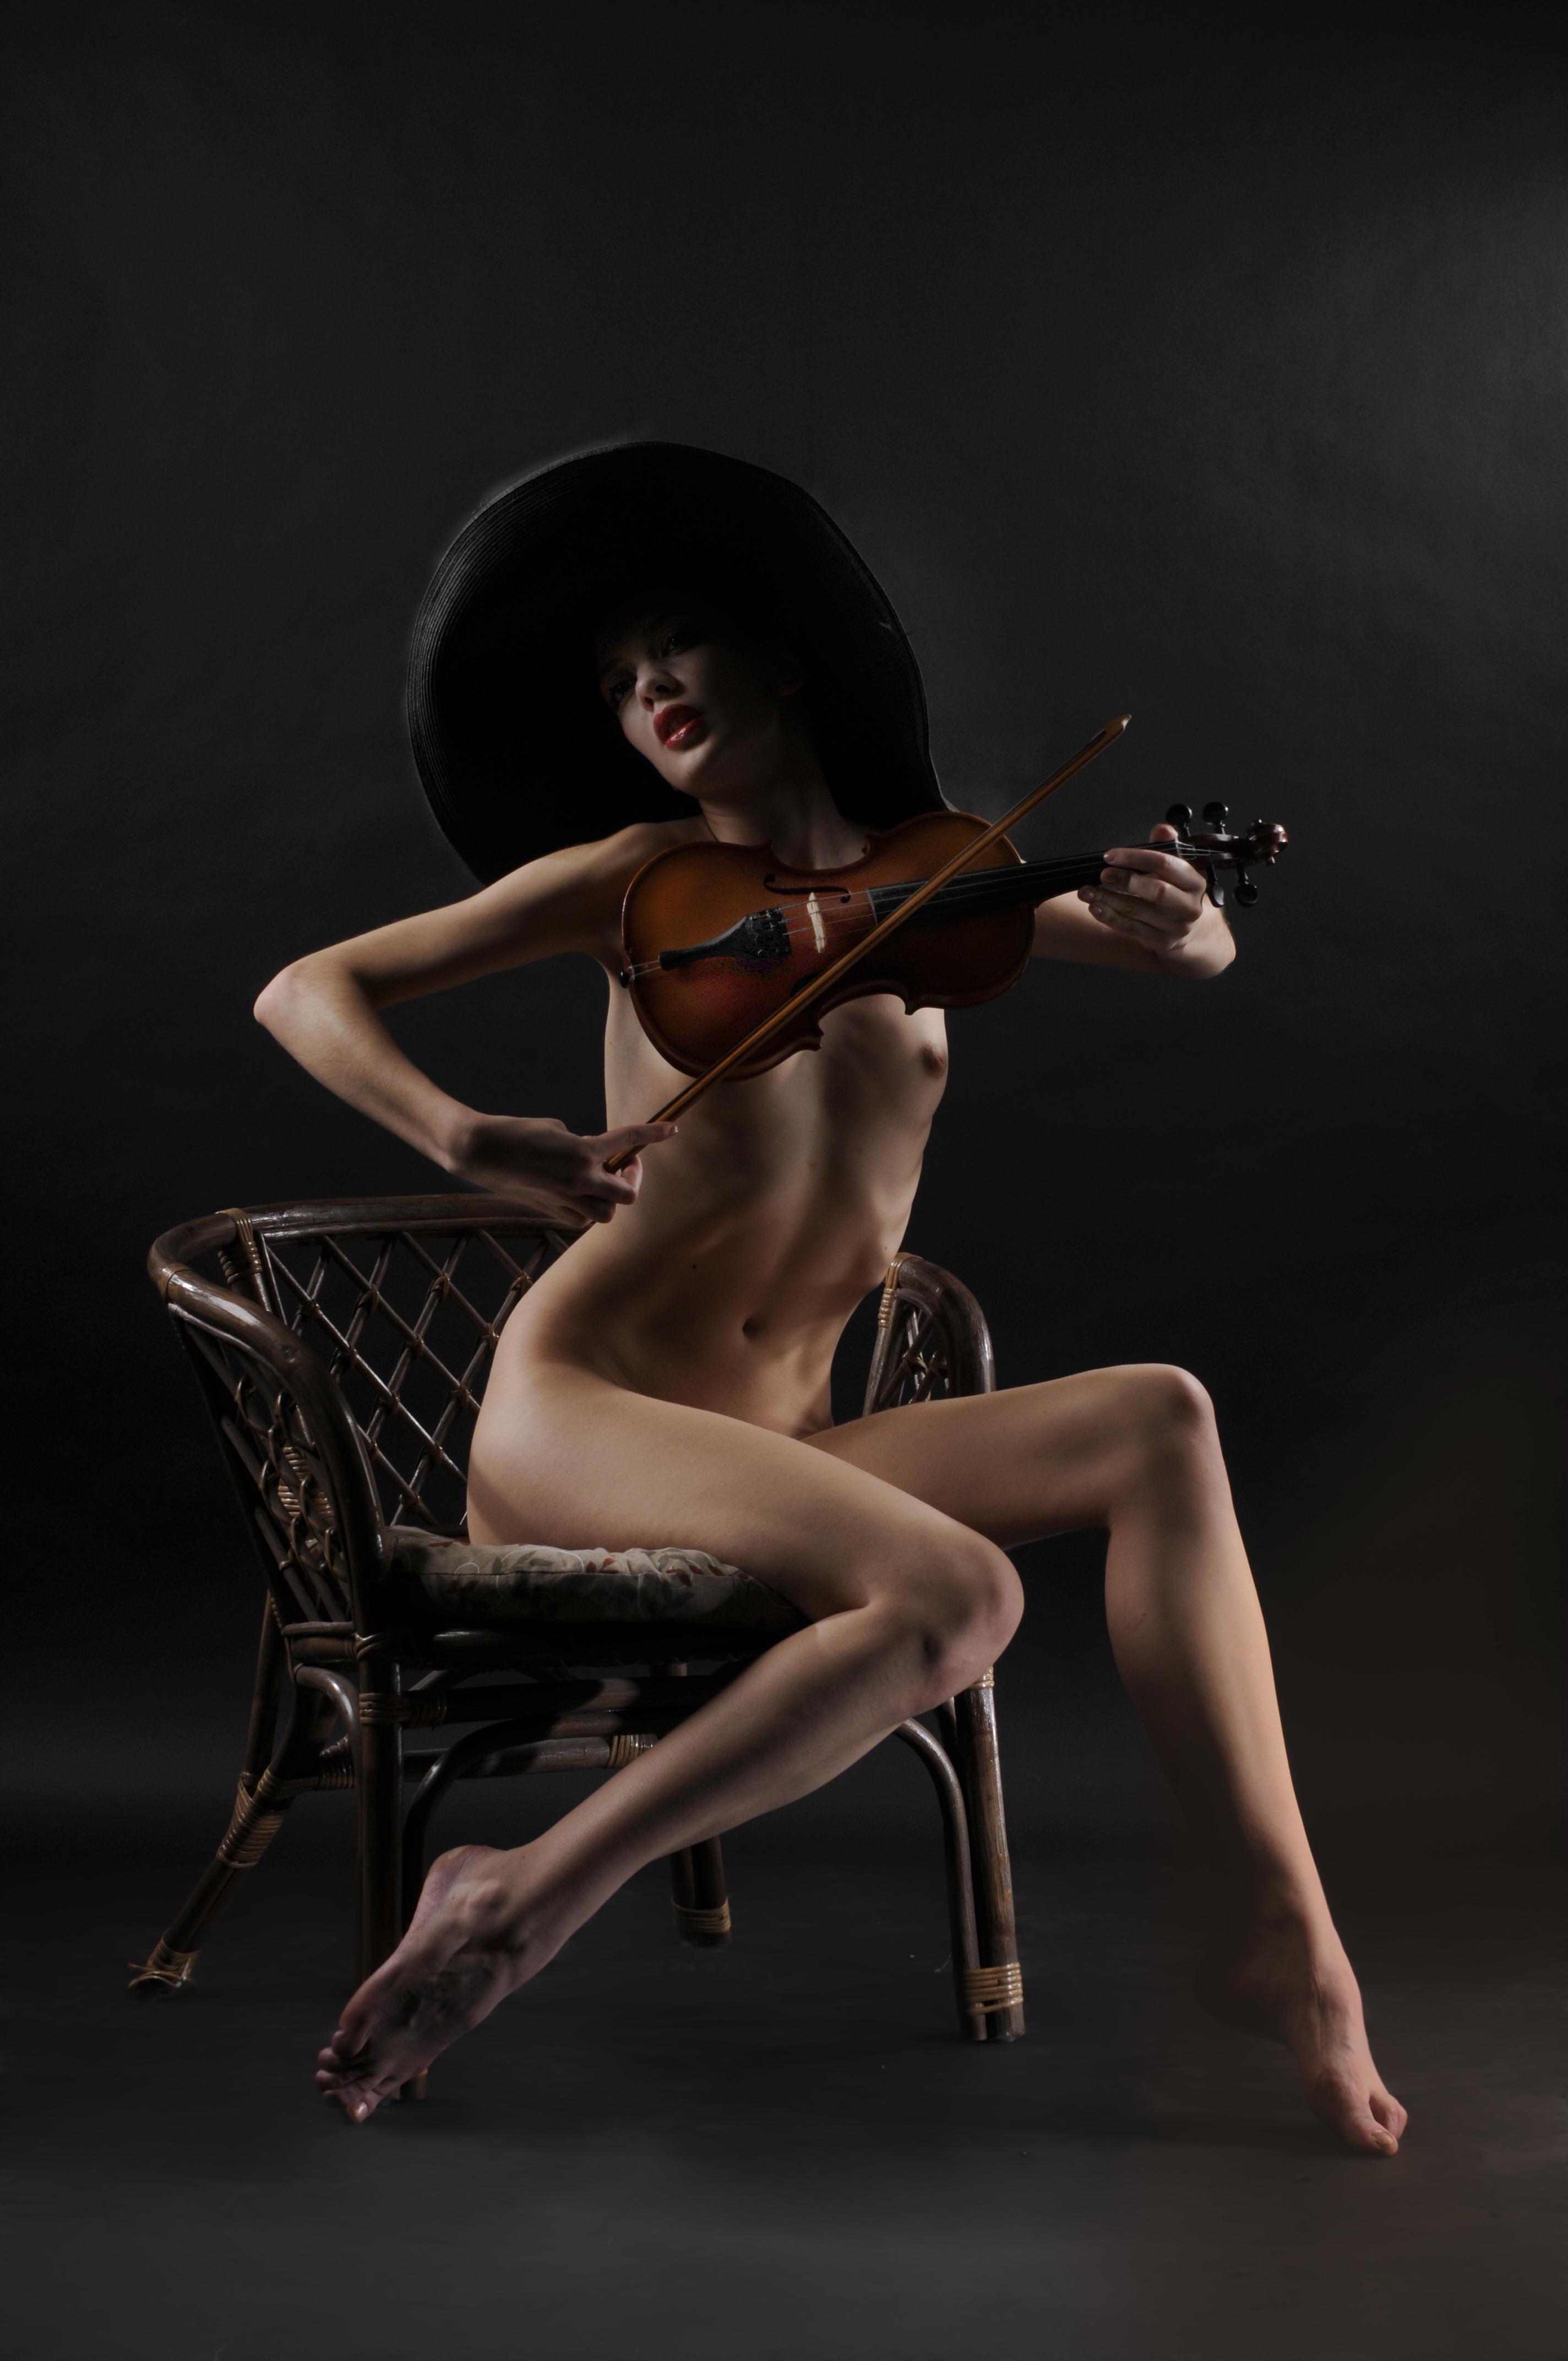 с i эротика красивая музыкой